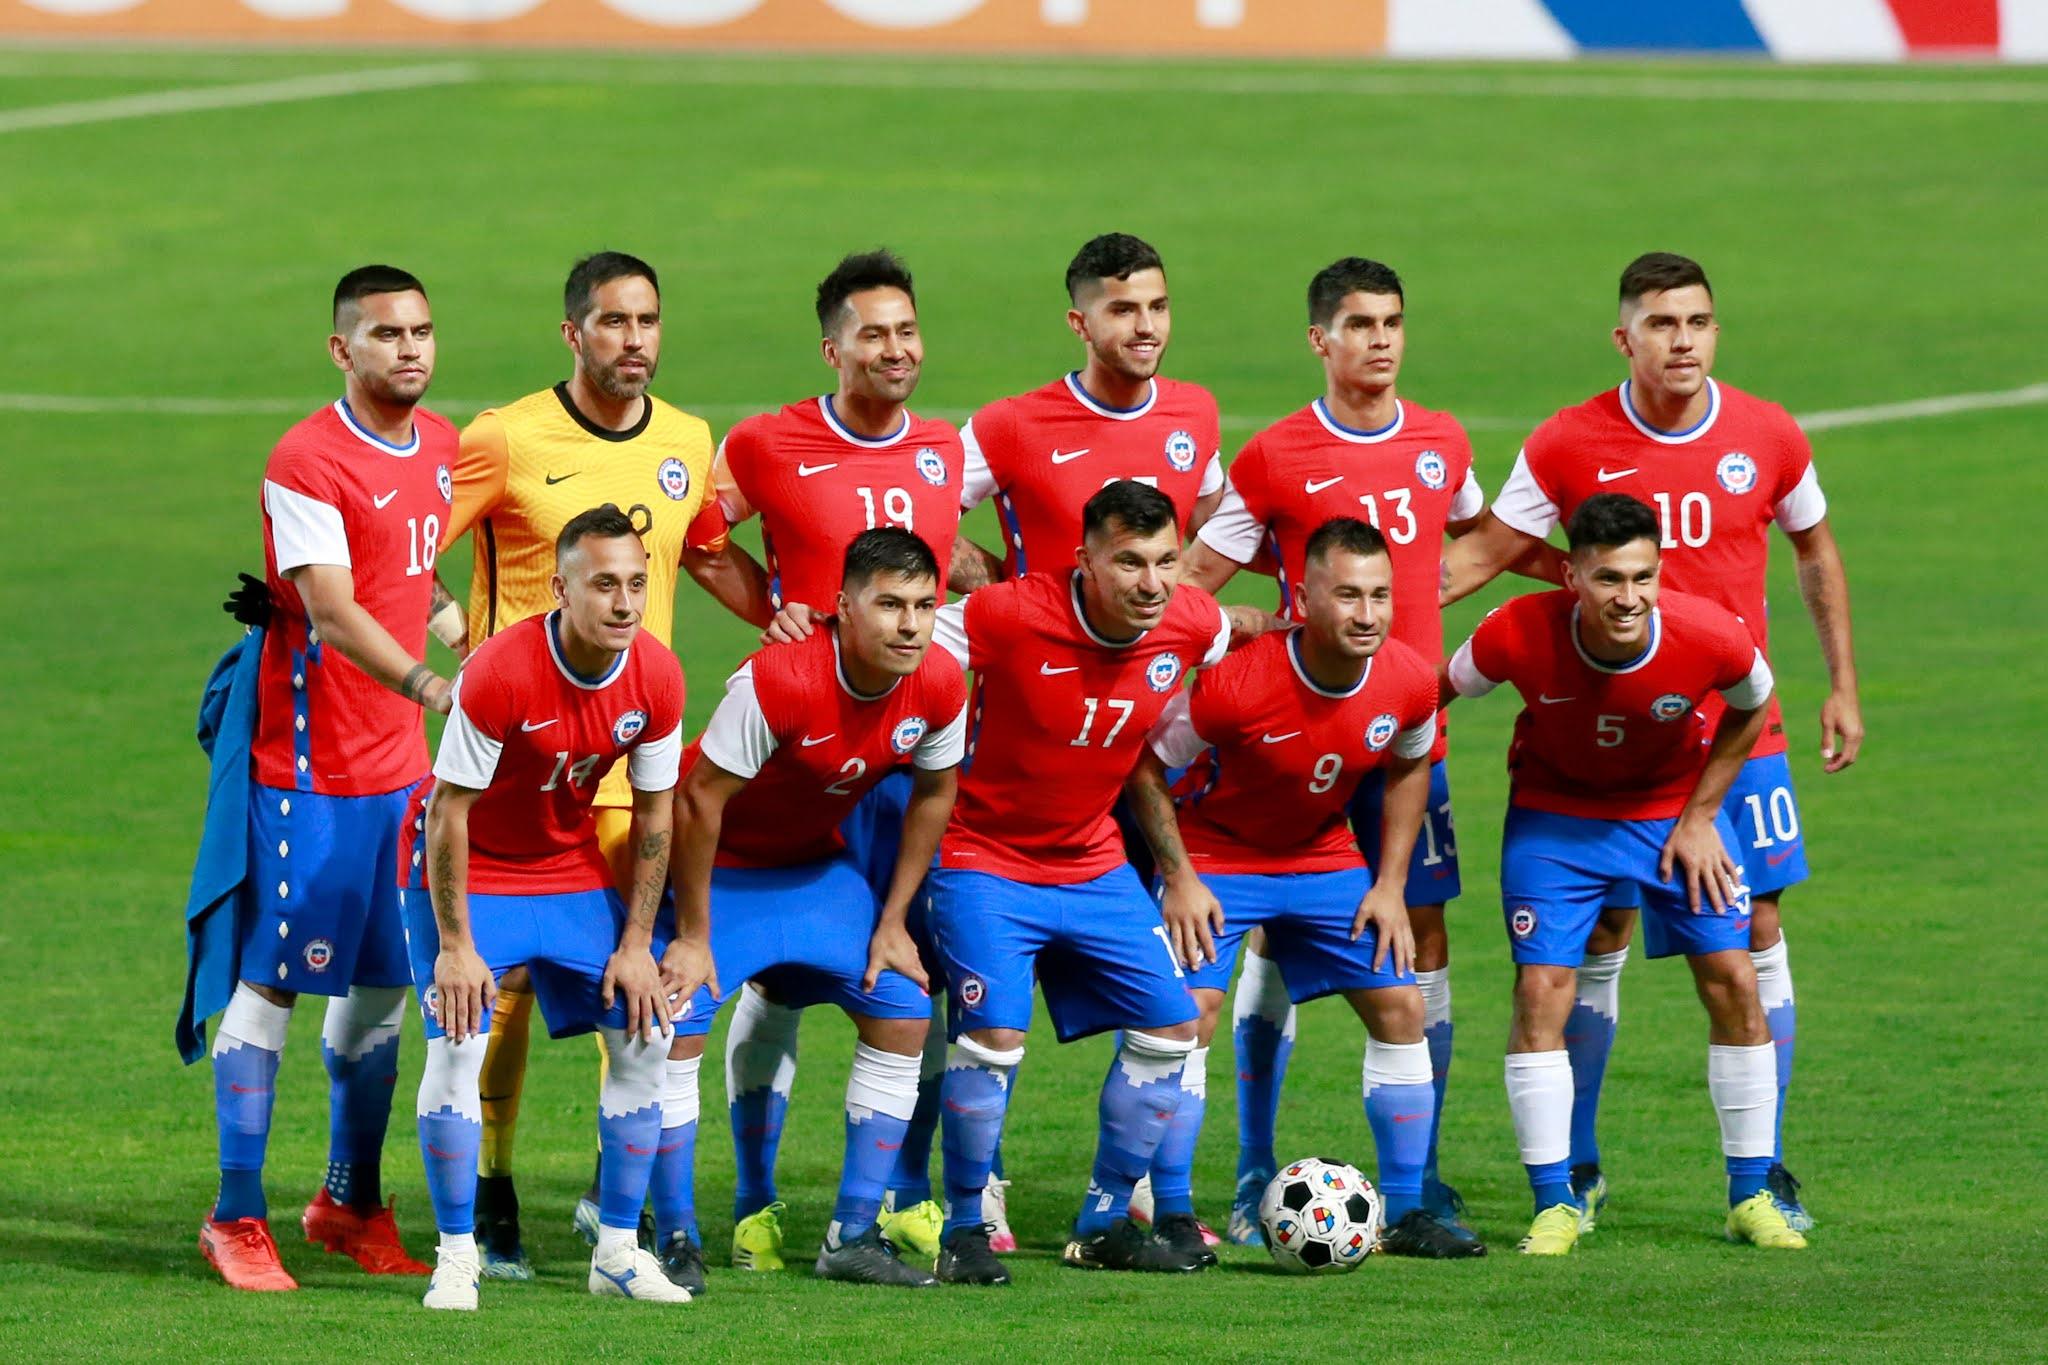 Formación de Chile ante Bolivia, amistoso disputado el 26 de marzo de 2021